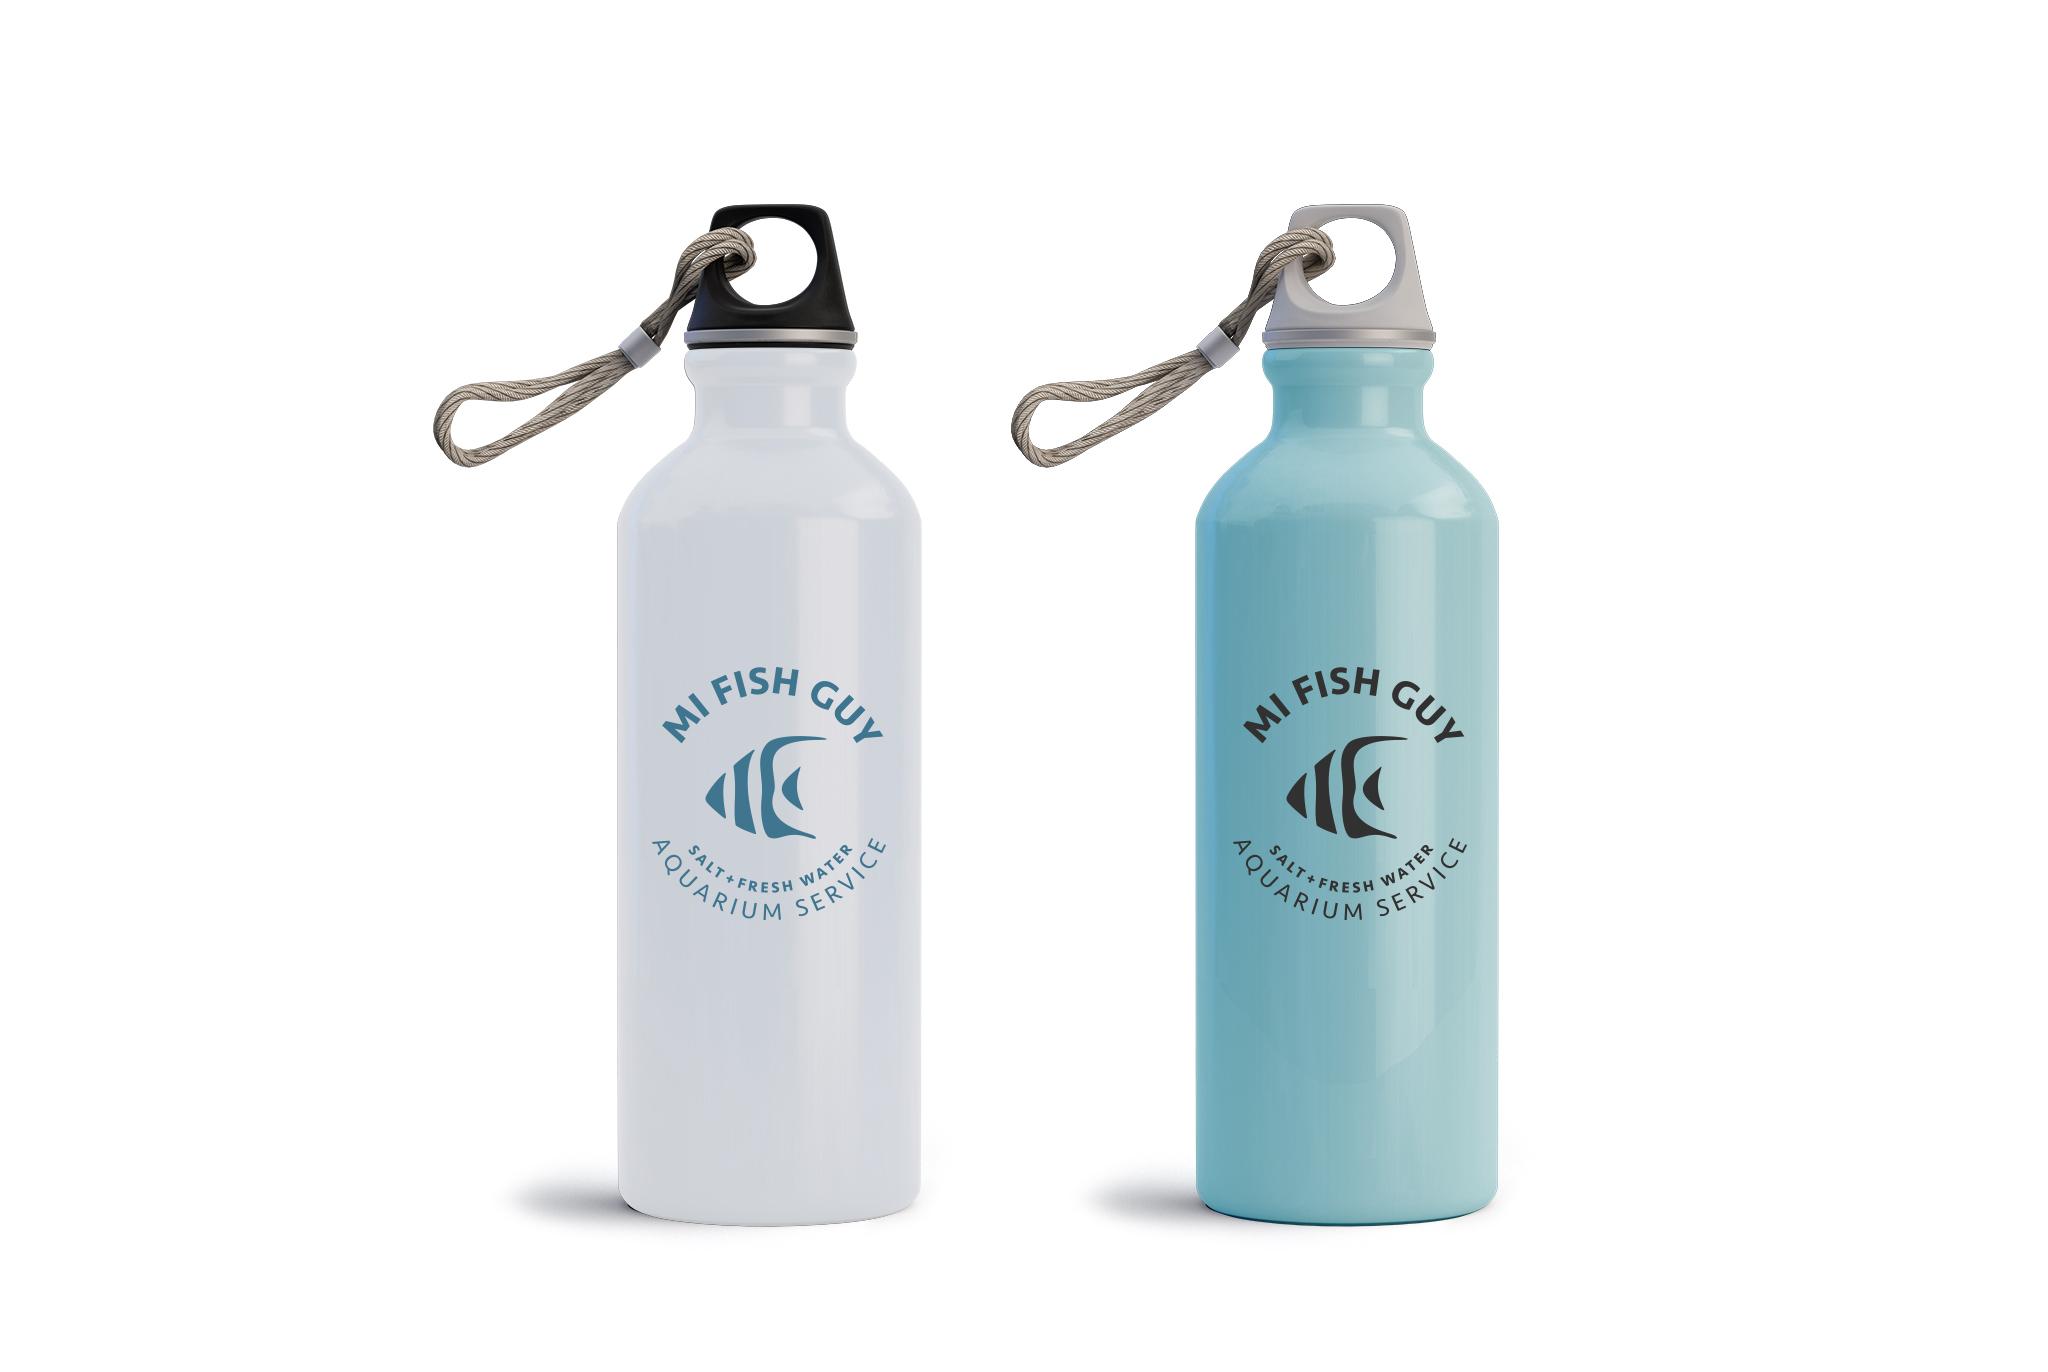 MI Fish Guy logo on water bottle, logo design, branded logo, branding